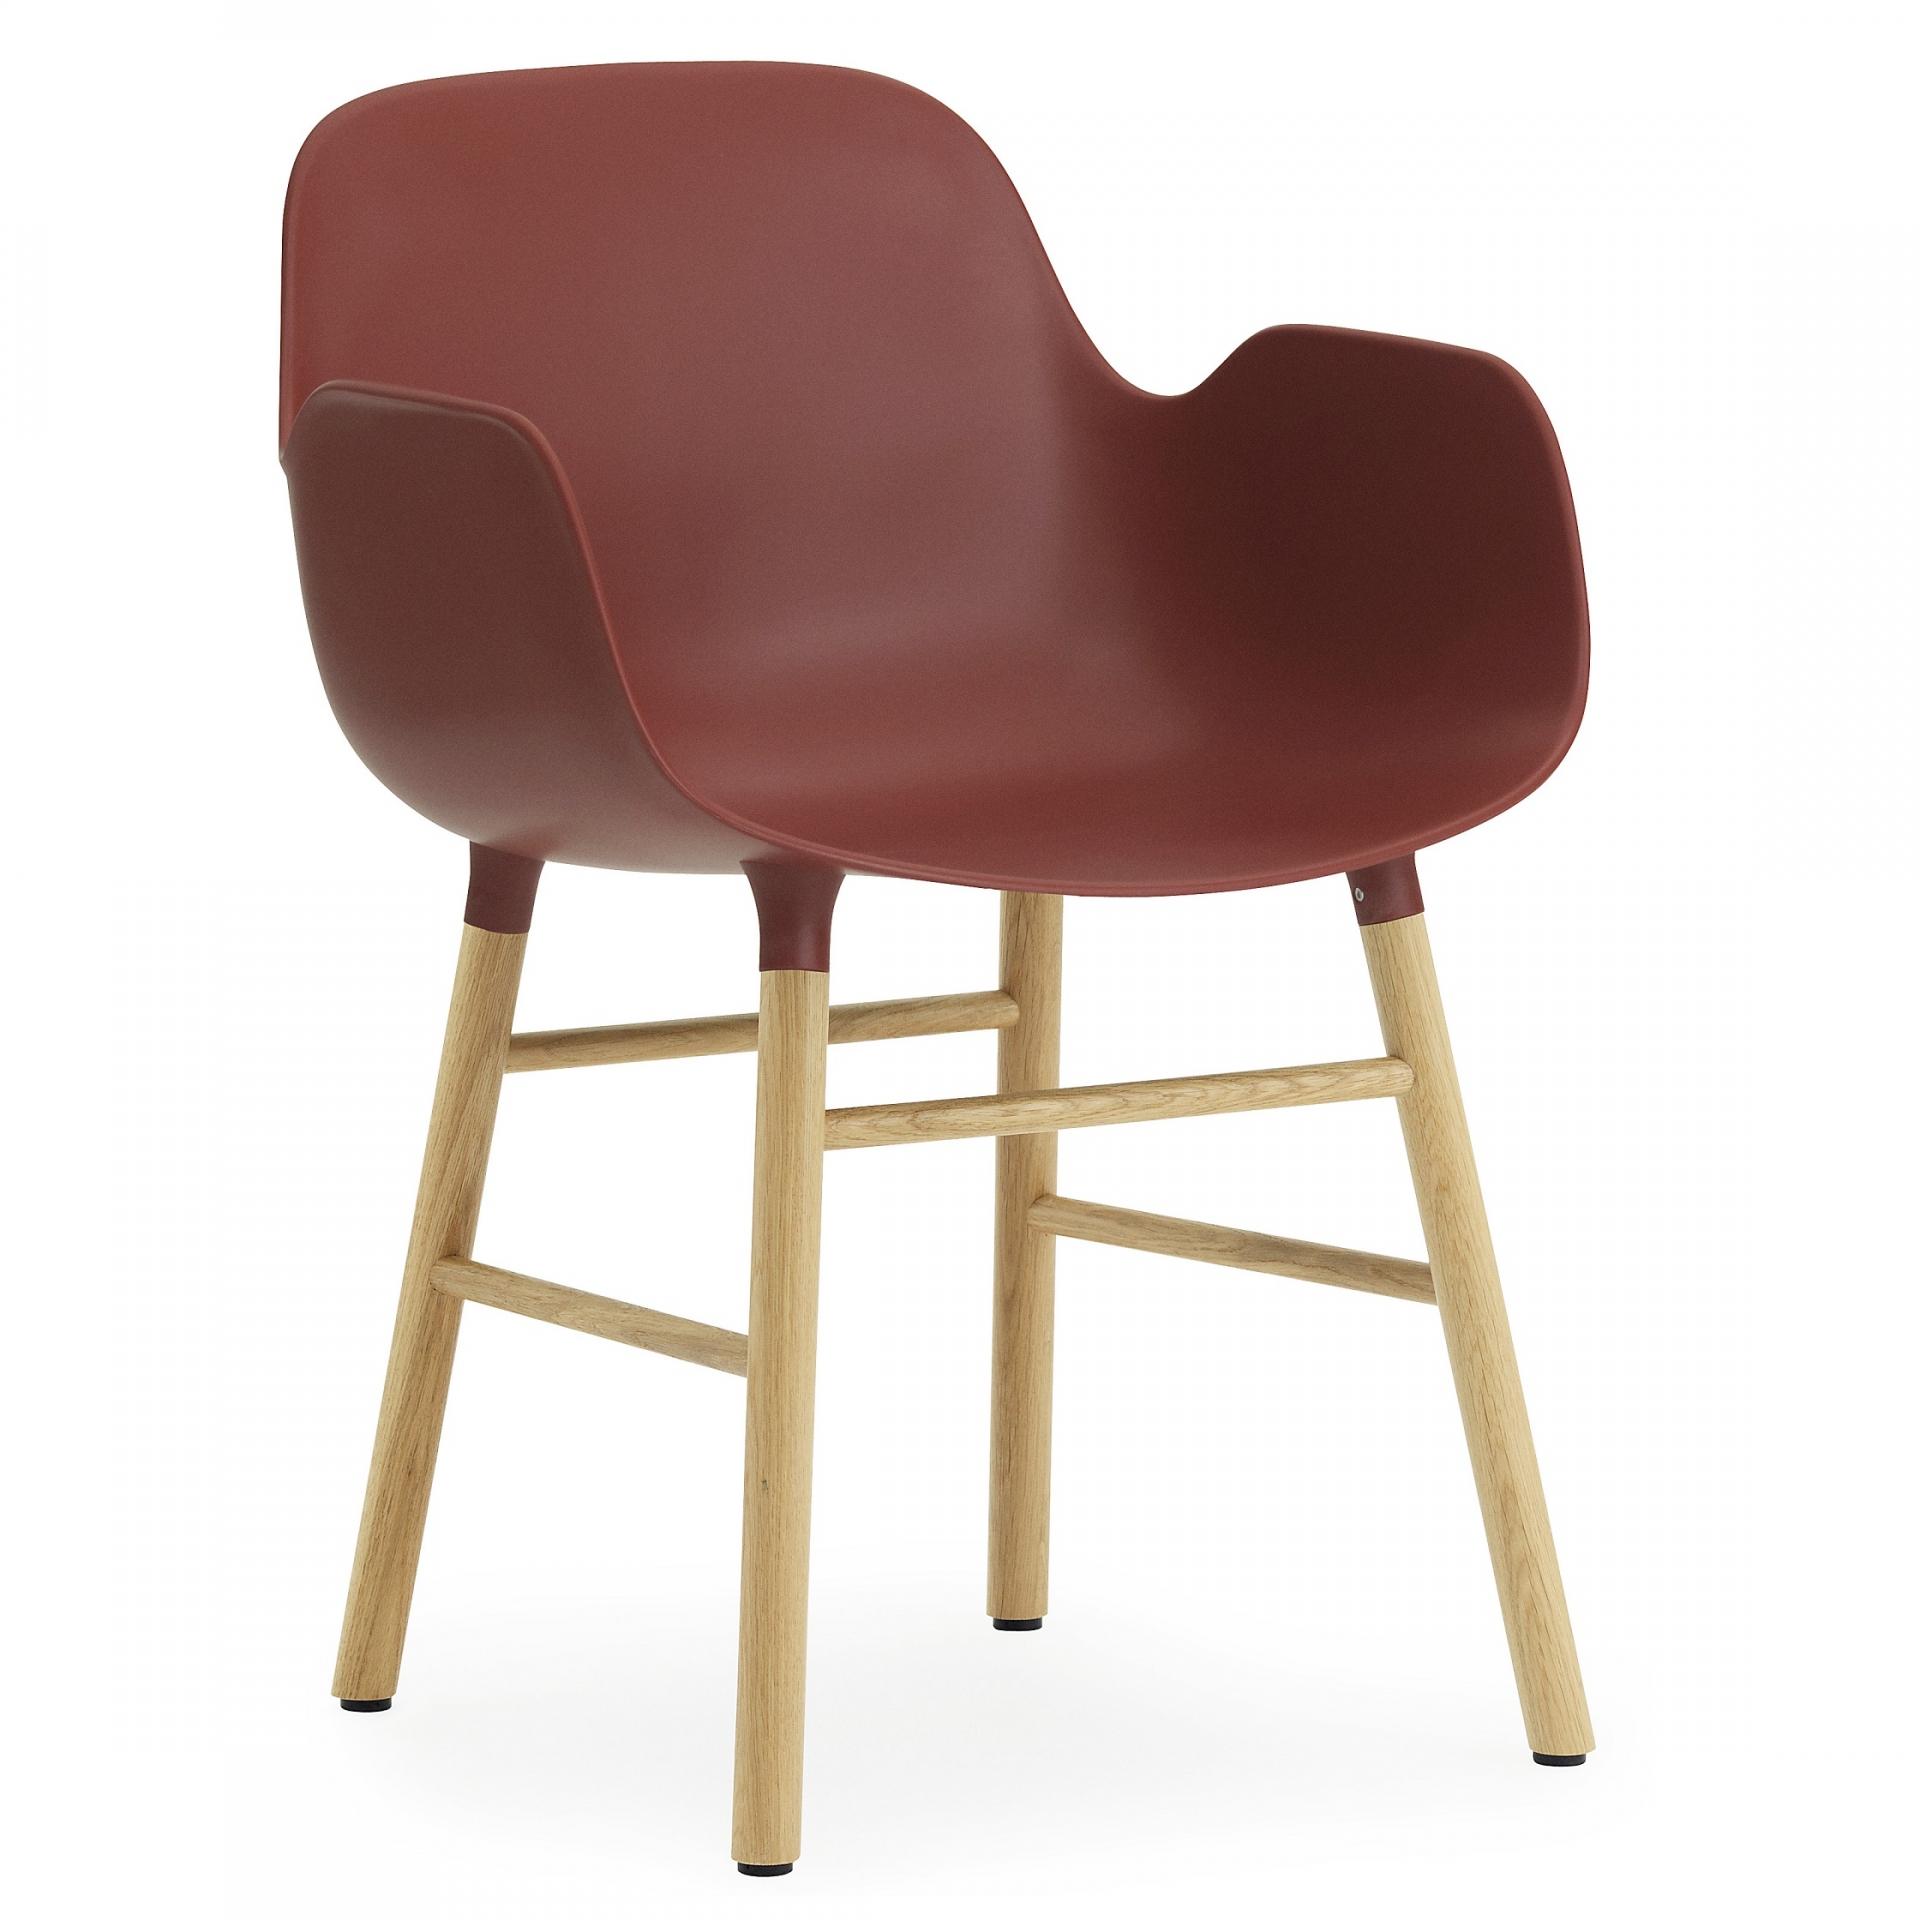 Výprodej Normann Copenhagen designové židle Form Armchair Wood (červená skořepina/ dubová konstrukce)